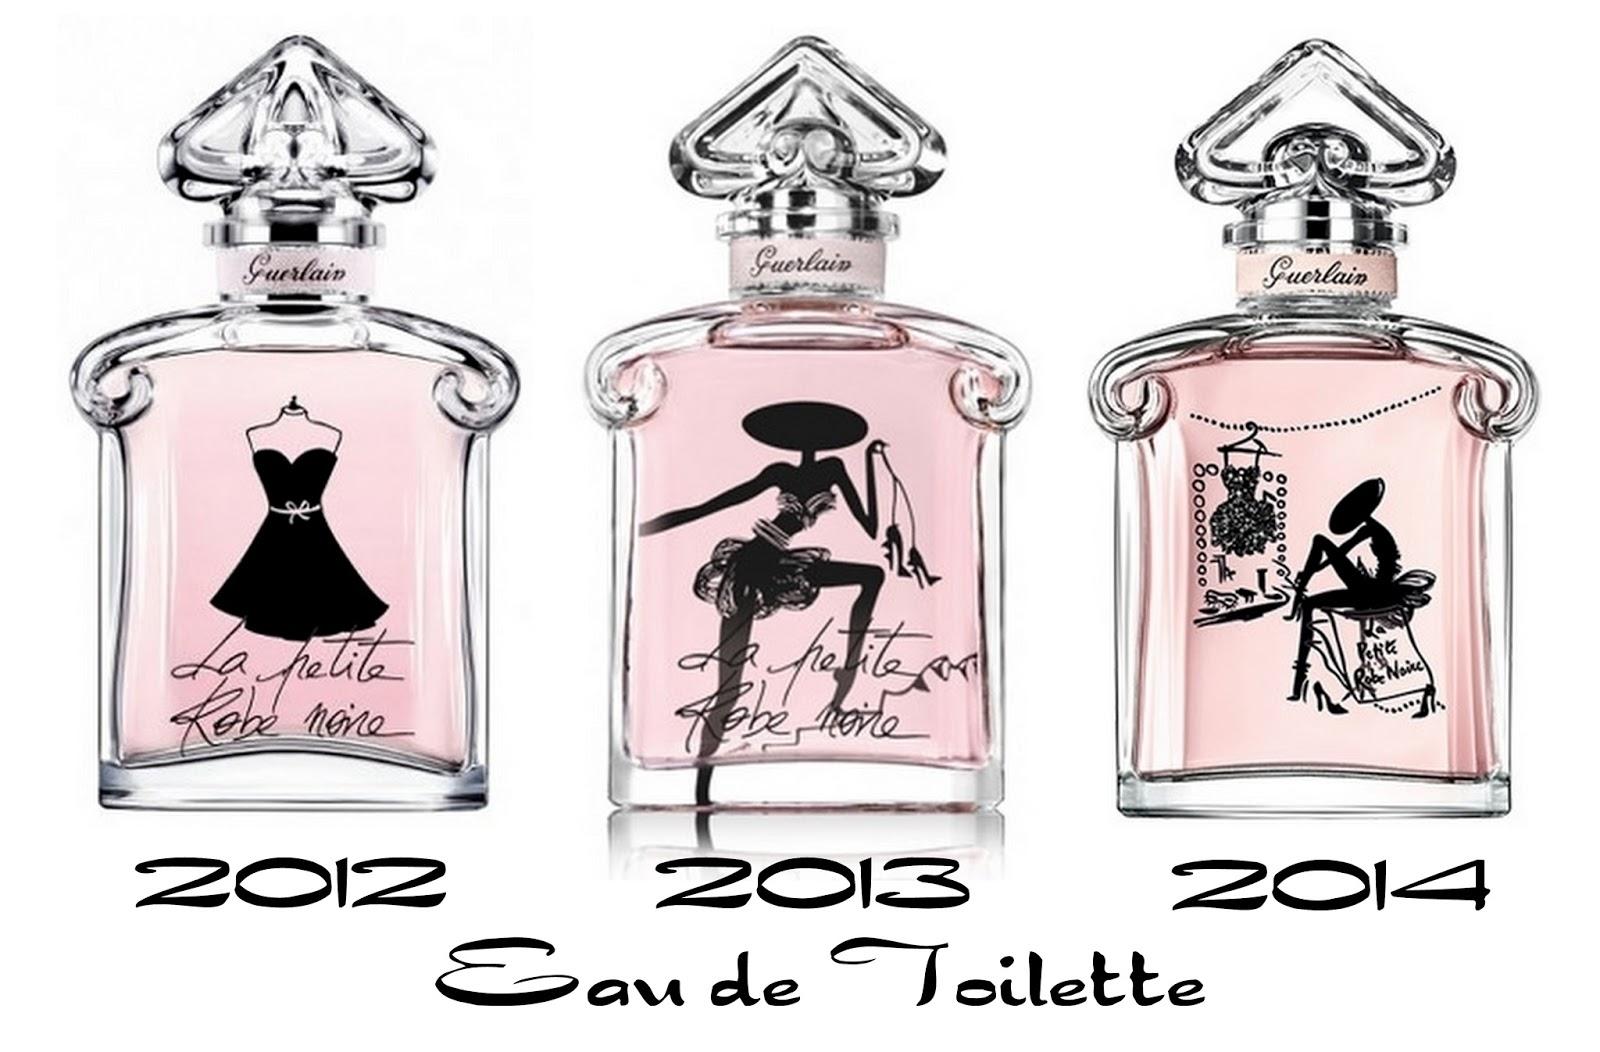 a42295f8ddd Guerlain Perfumes  La Petite Robe Noire c2009